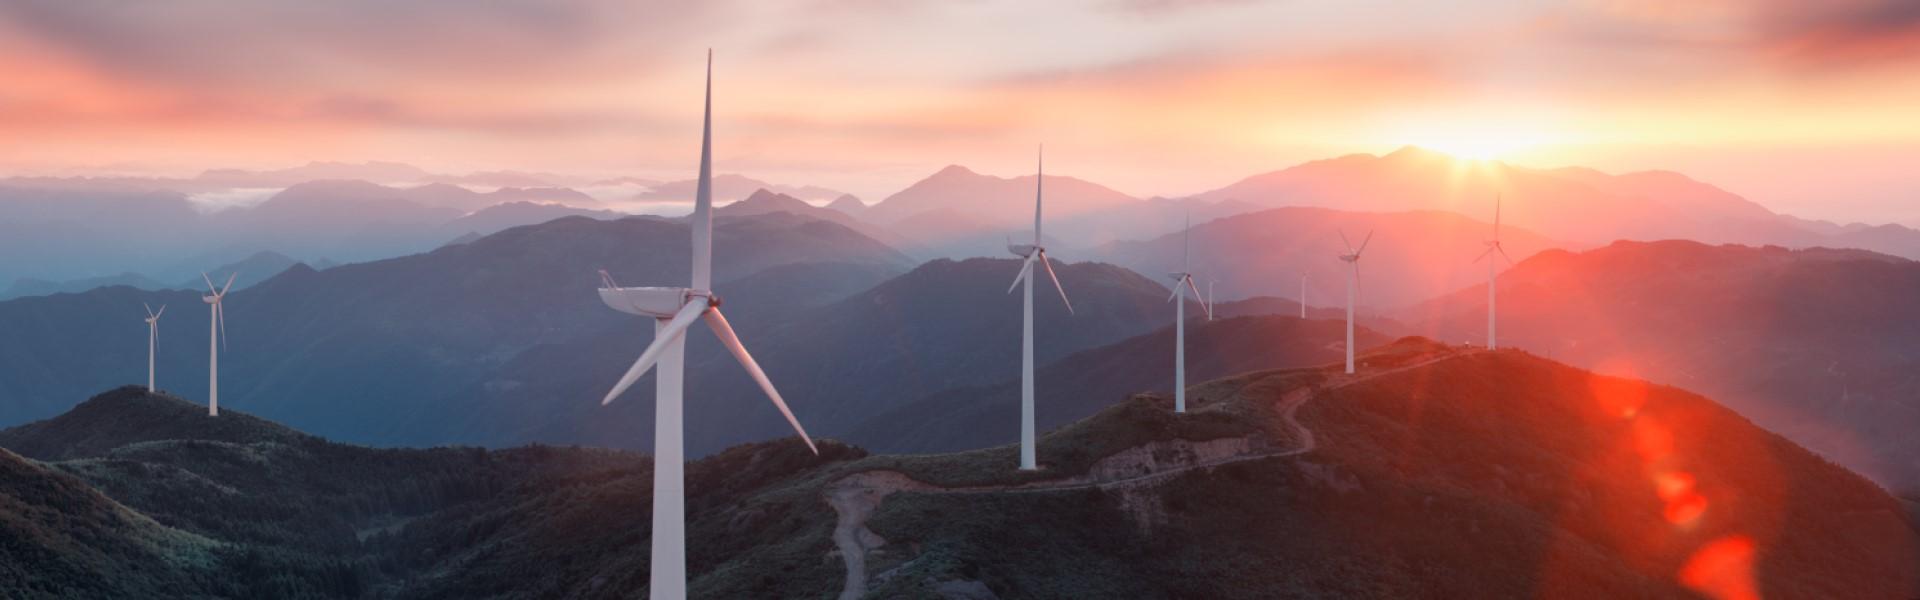 Les énergies renouvelables du 21ème siècle